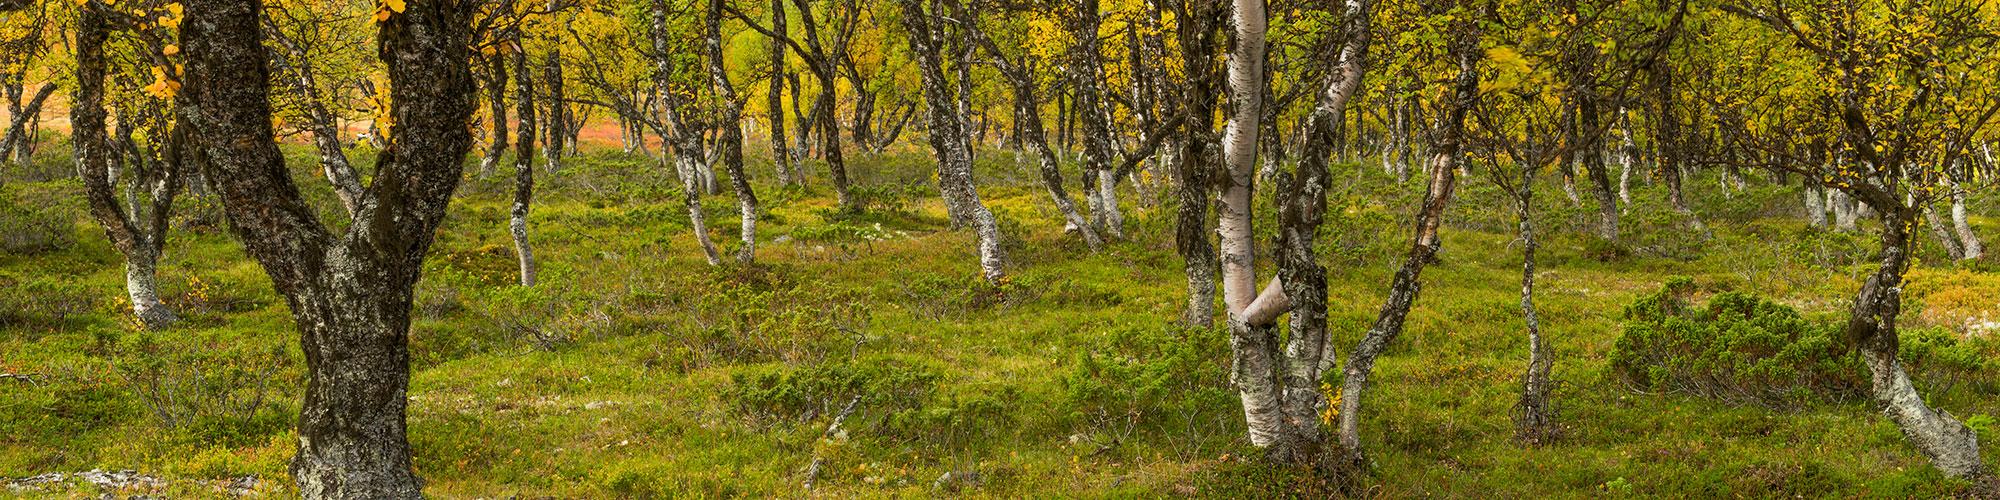 ©Mart Smit - Rondane- Noorwegen - Smitinbeeld